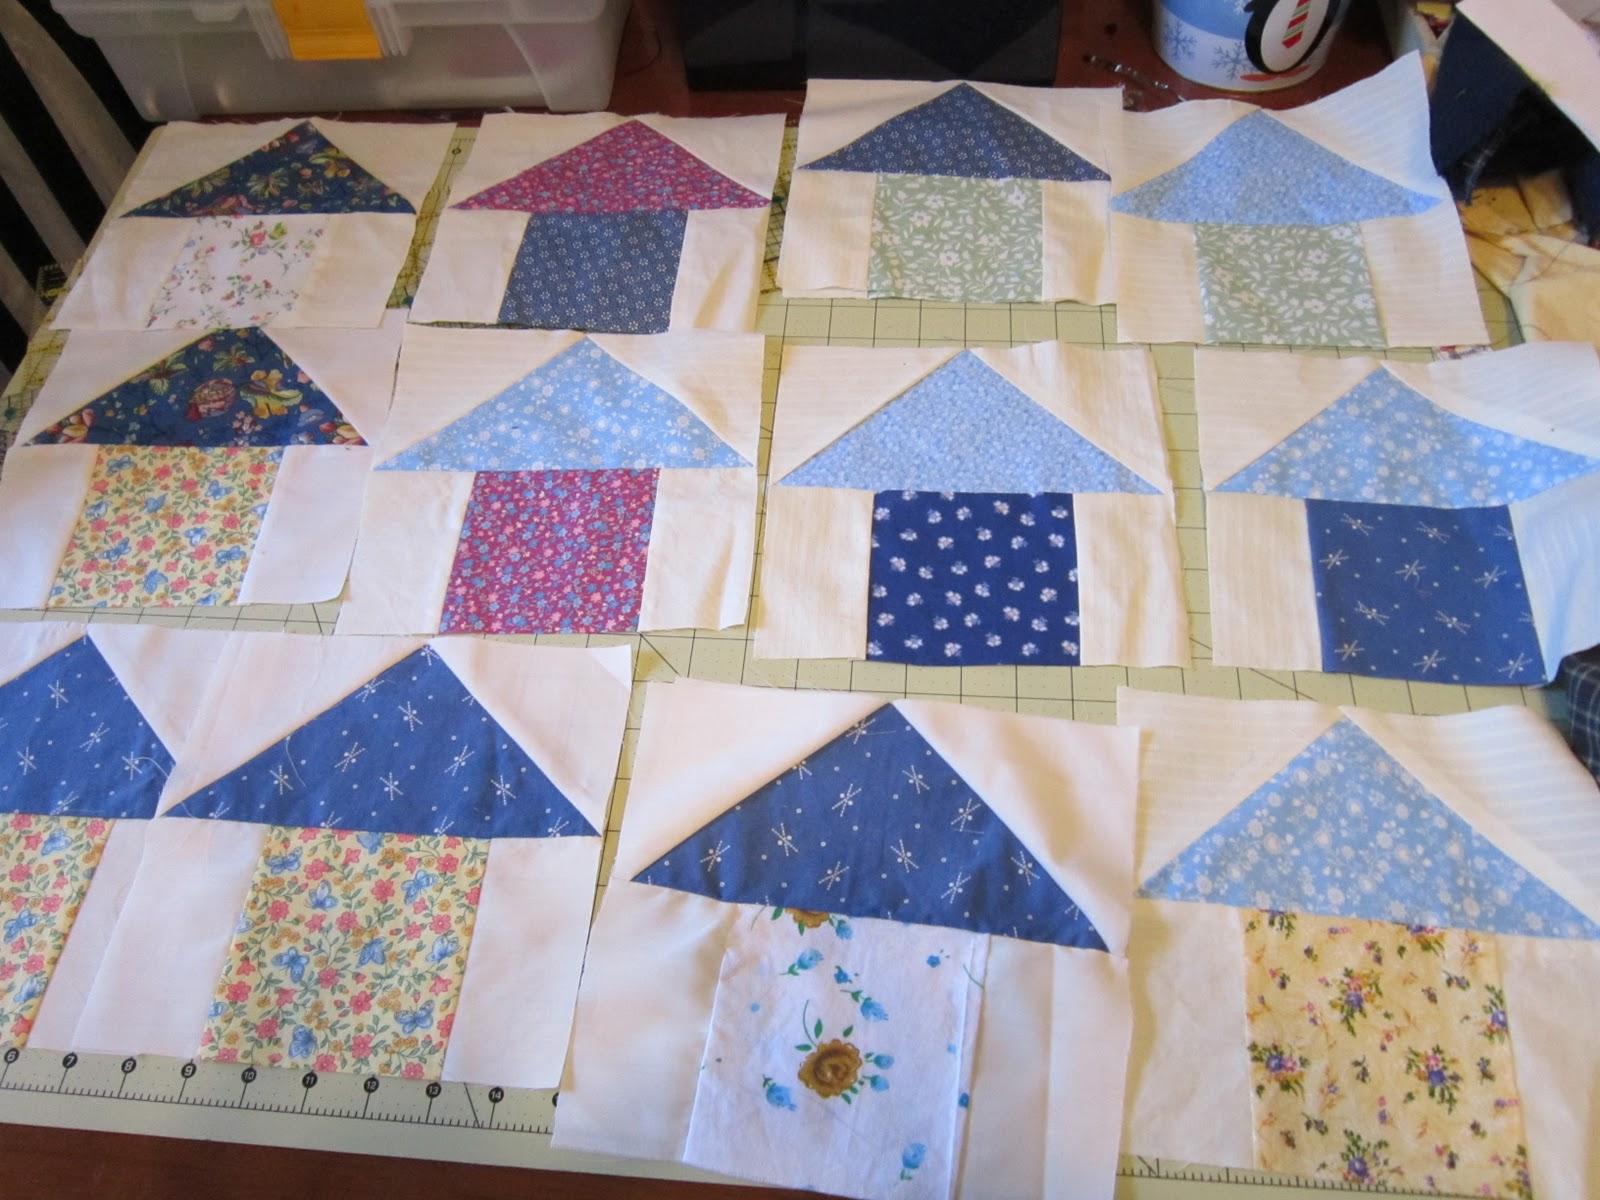 Missy's Homemaking Adventures: Birdhouse Quilt Progress : birdhouse quilts - Adamdwight.com